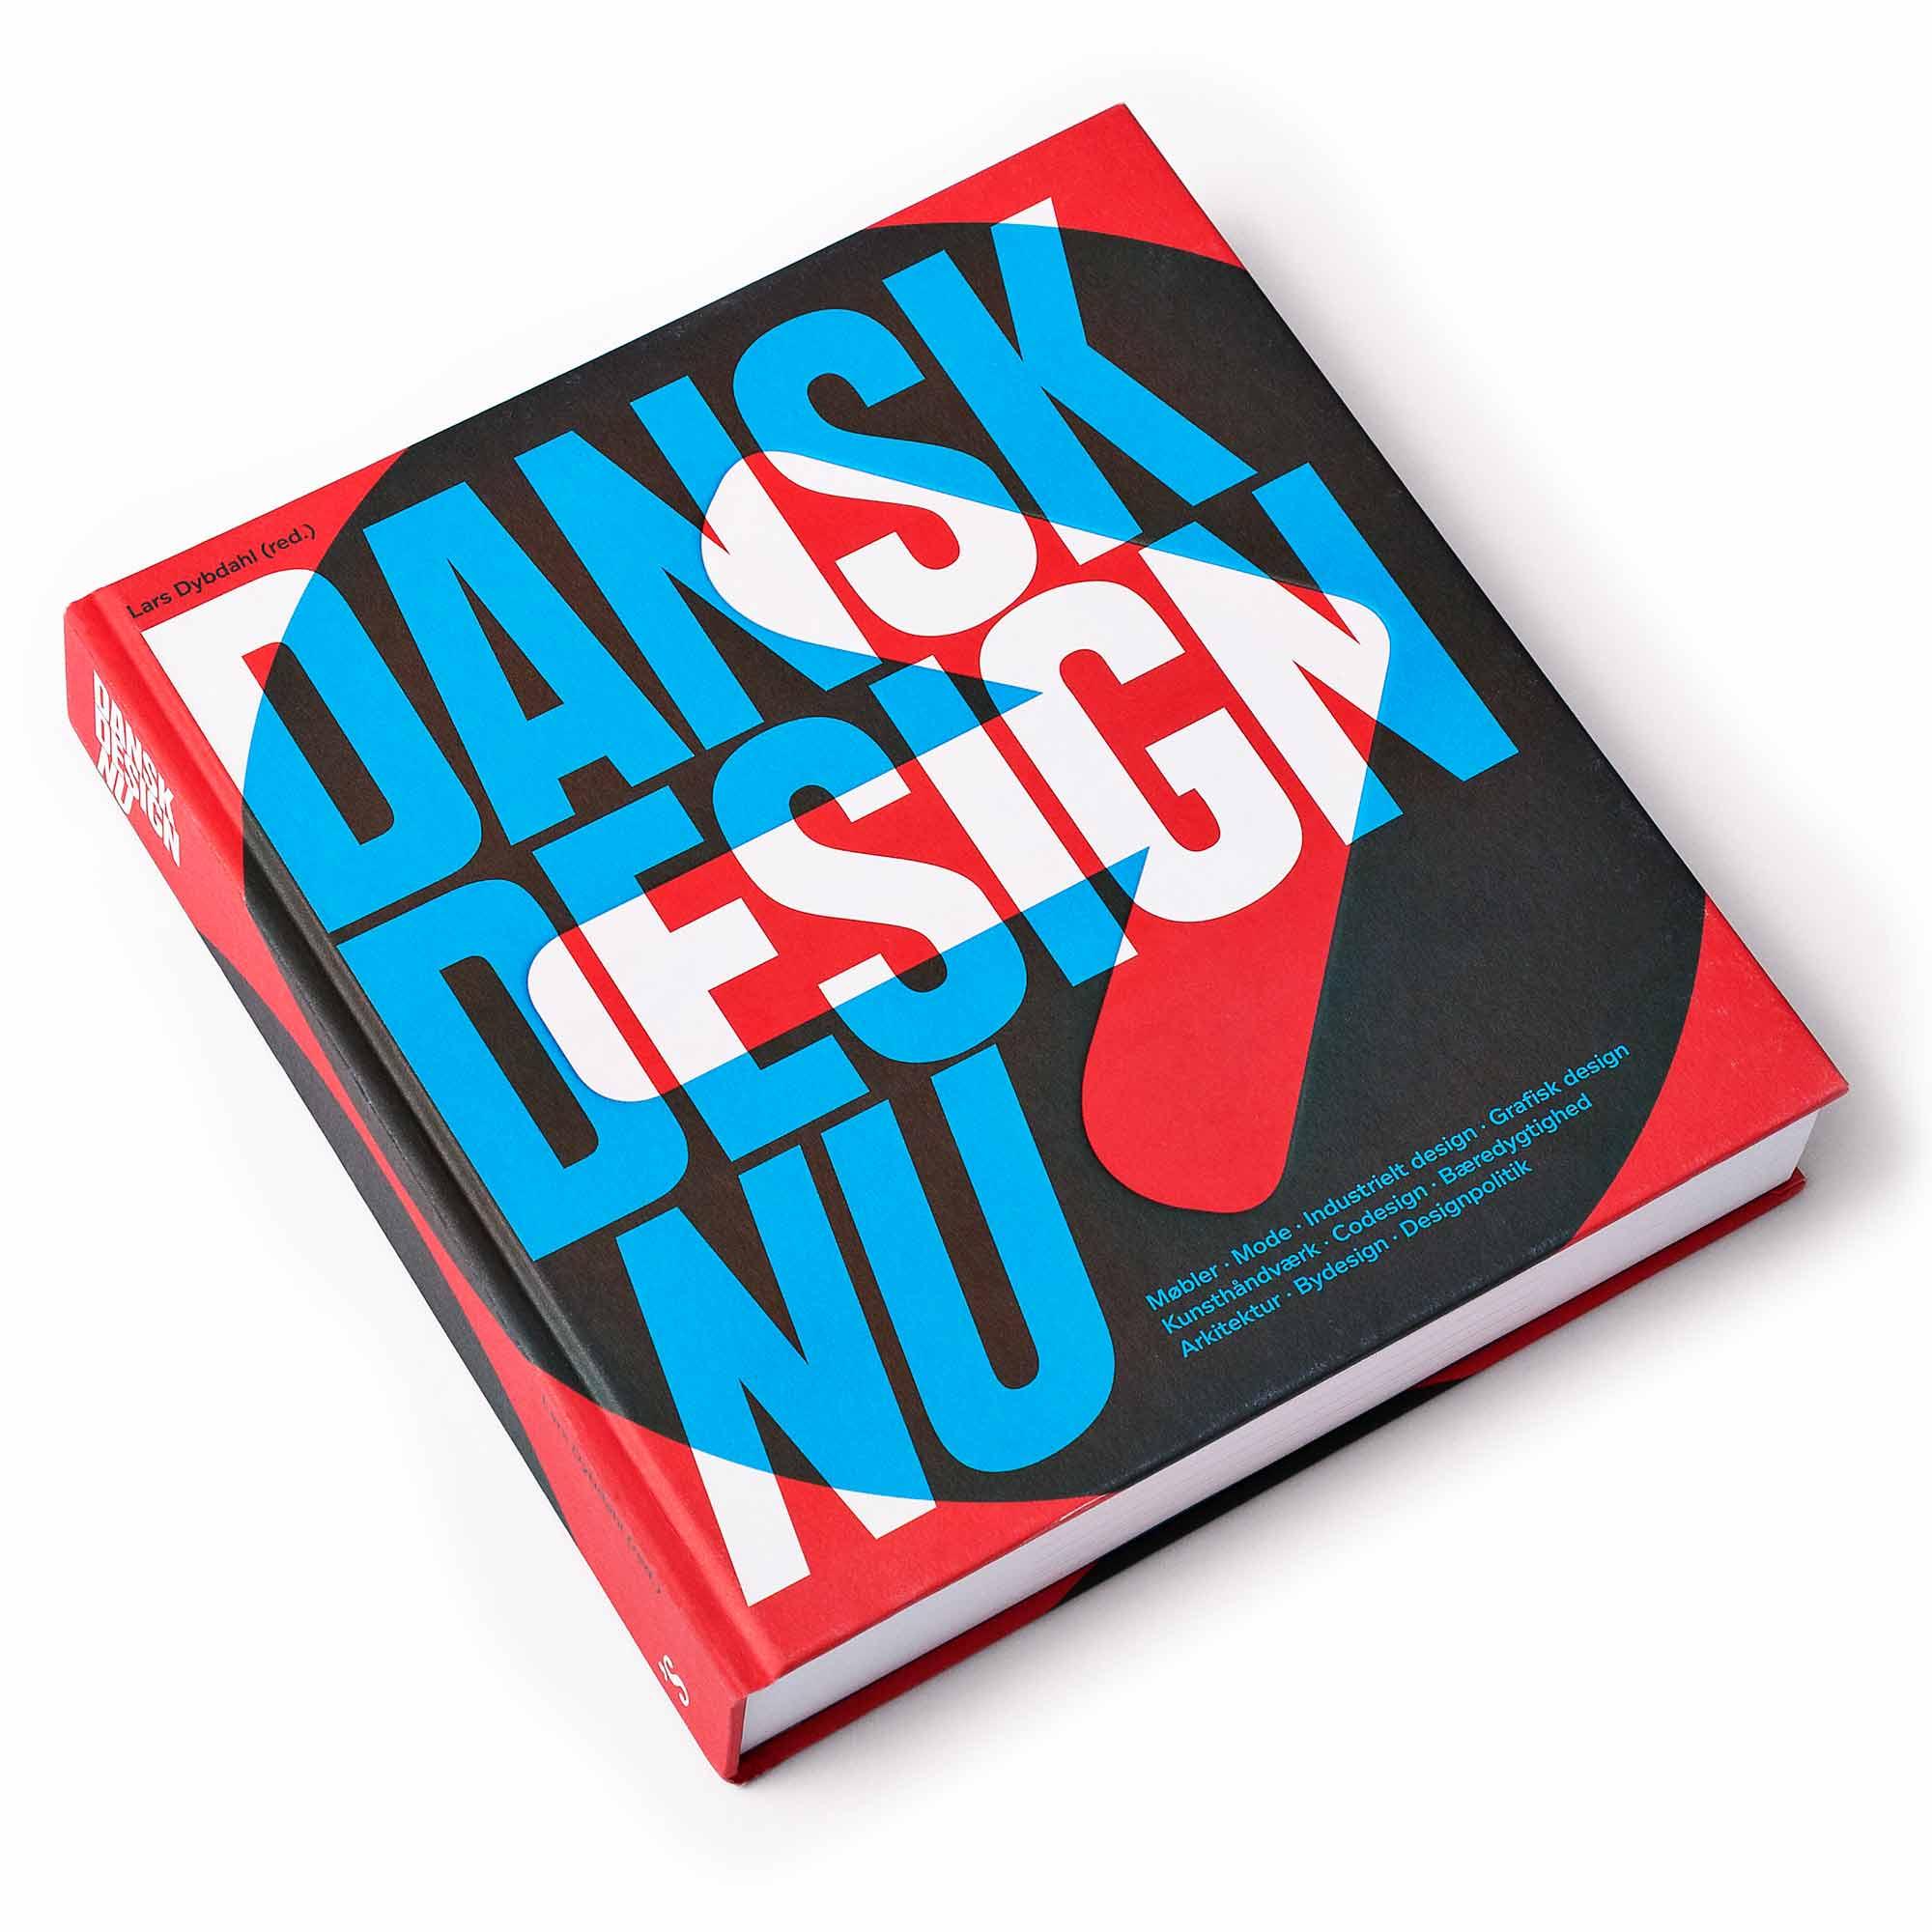 bog-dansk-design-nu